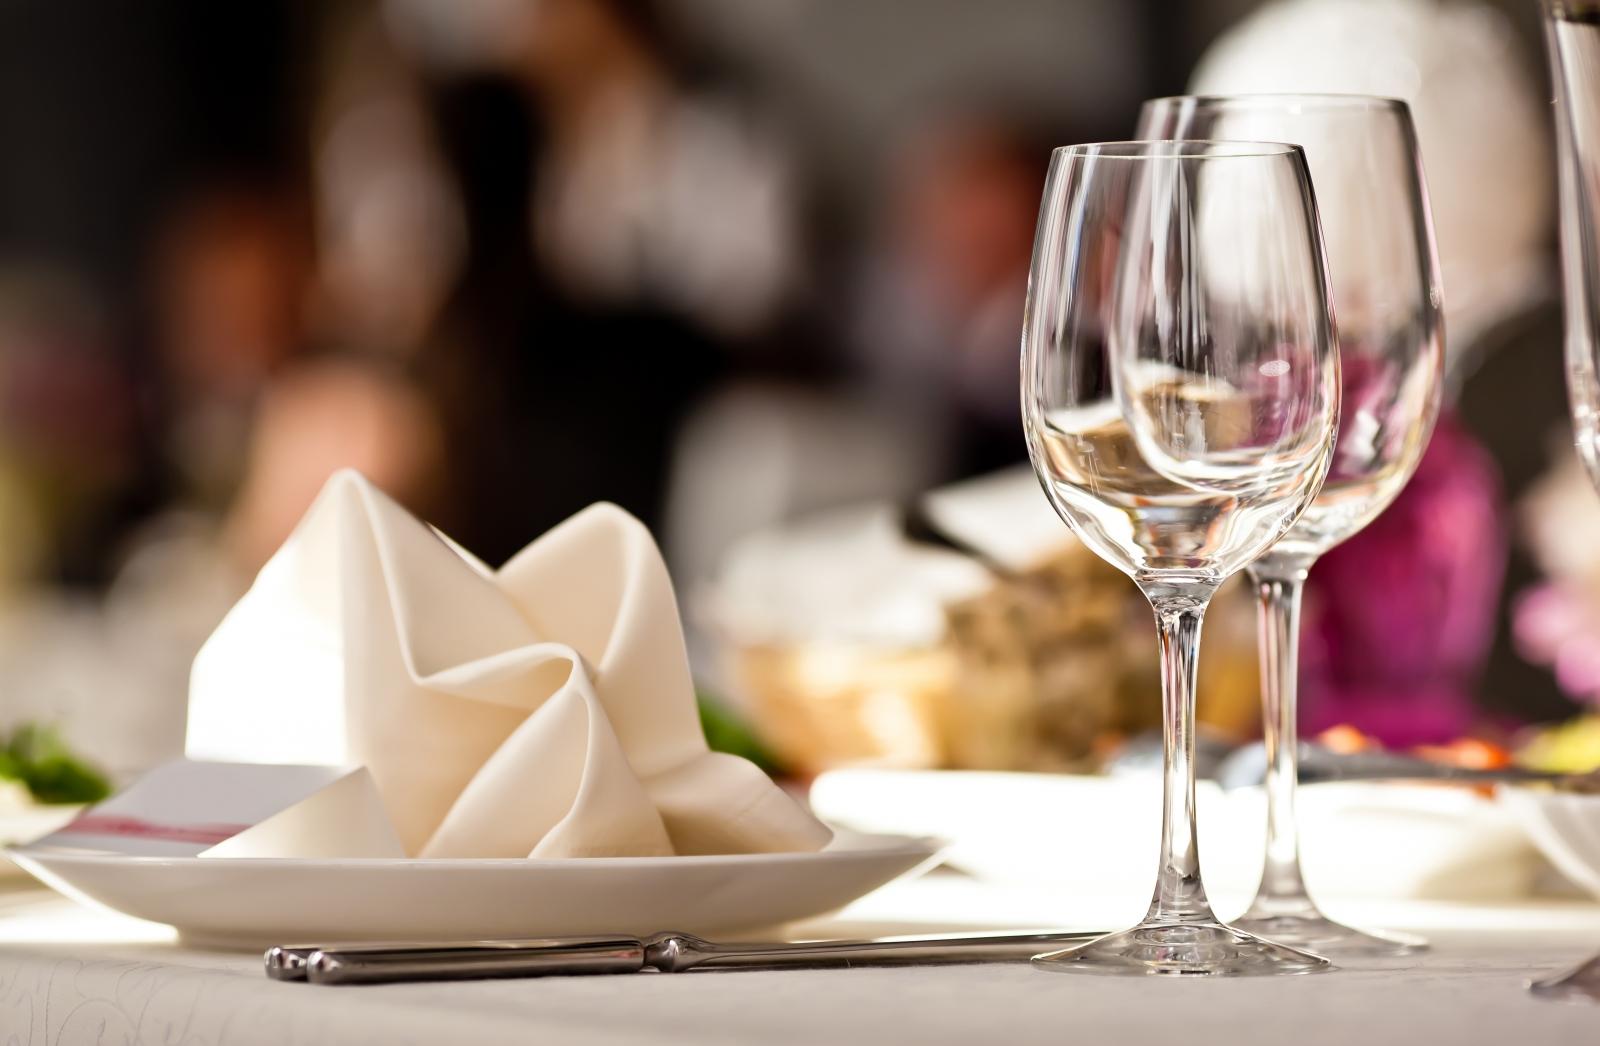 Kryptovaljutoju za večerju možna rozrahuvatysja v ukraїnśkij mereži restoraniv